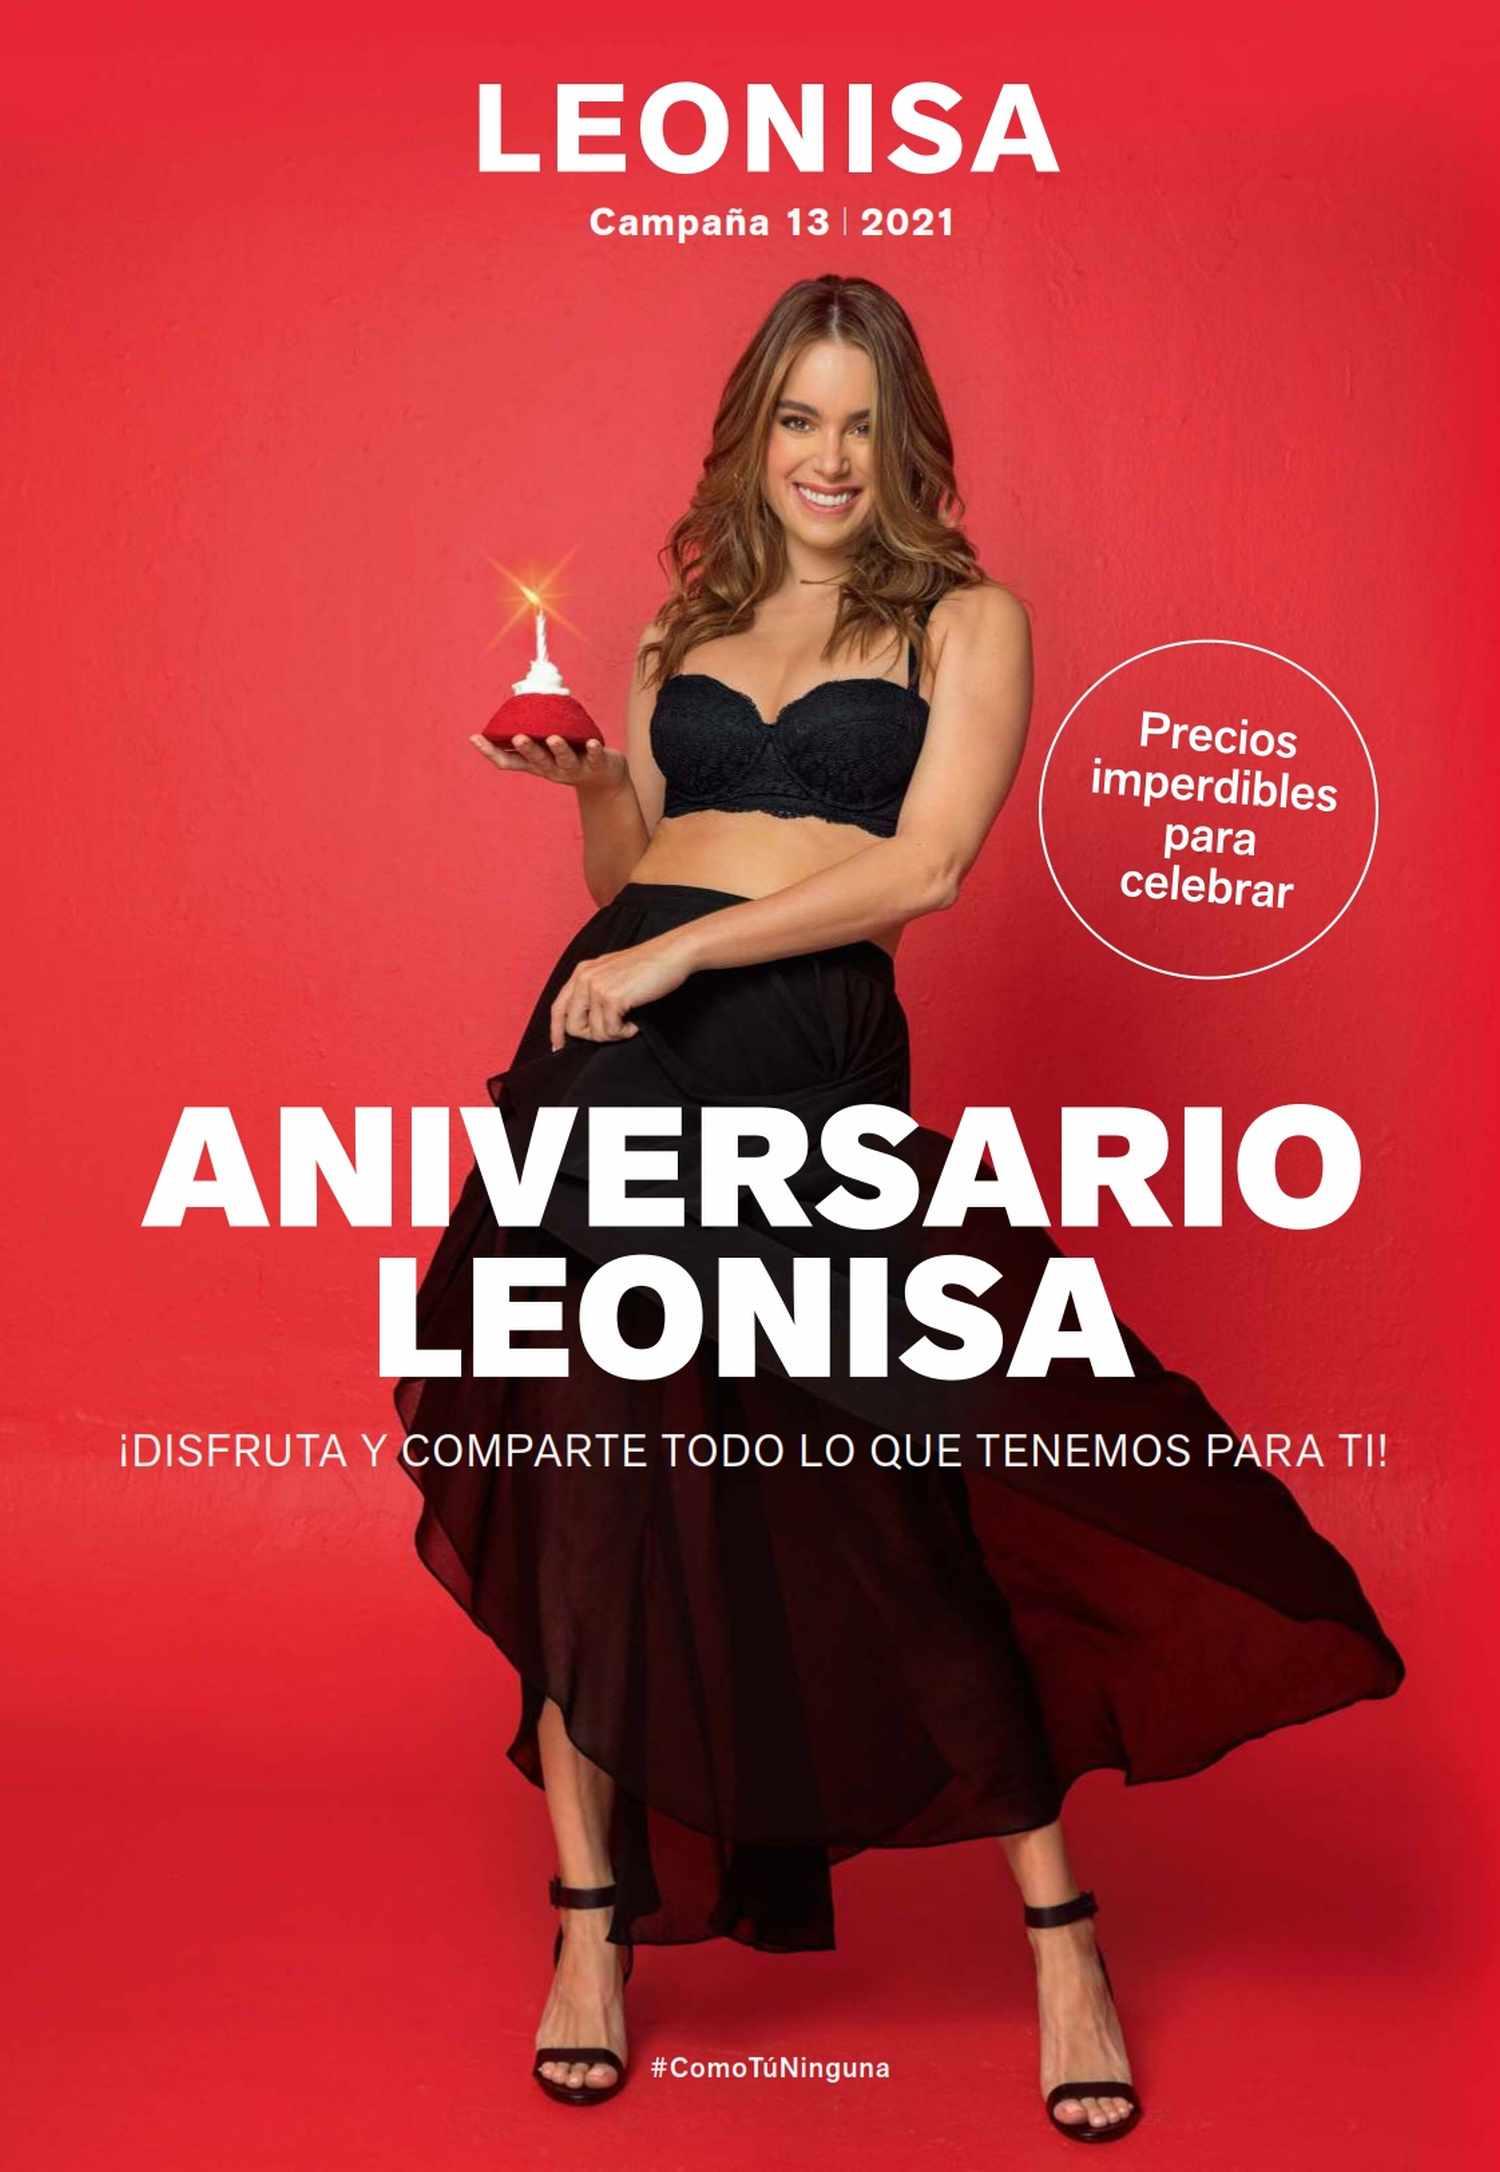 Catálogo Leonisa Campaña 13 2021 Perú